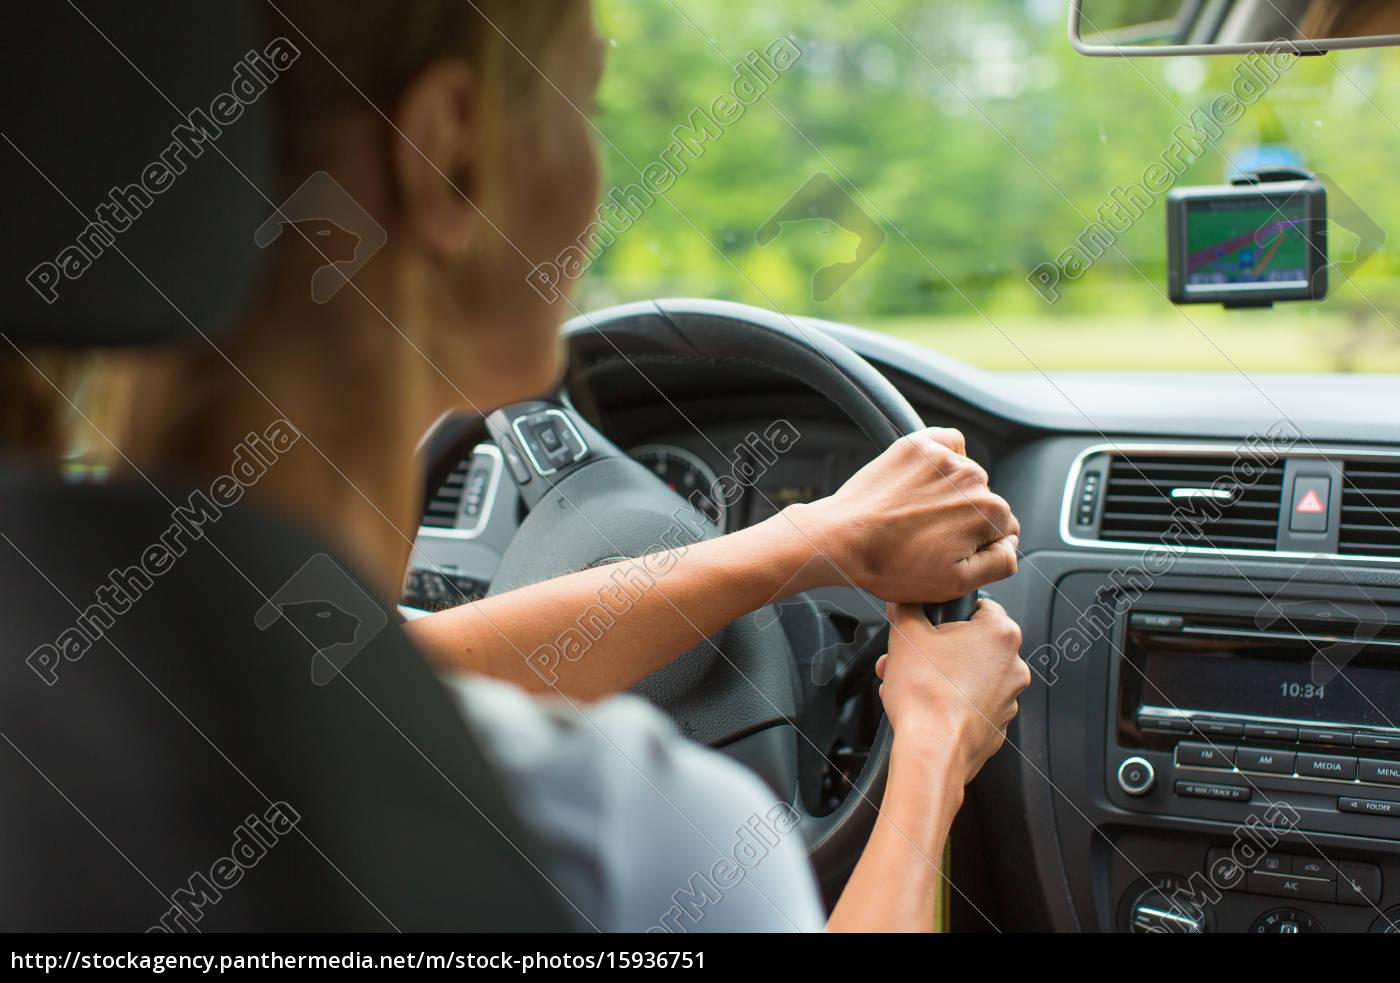 junge, frau, mit, ihrem, auto, fahren, auf - 15936751